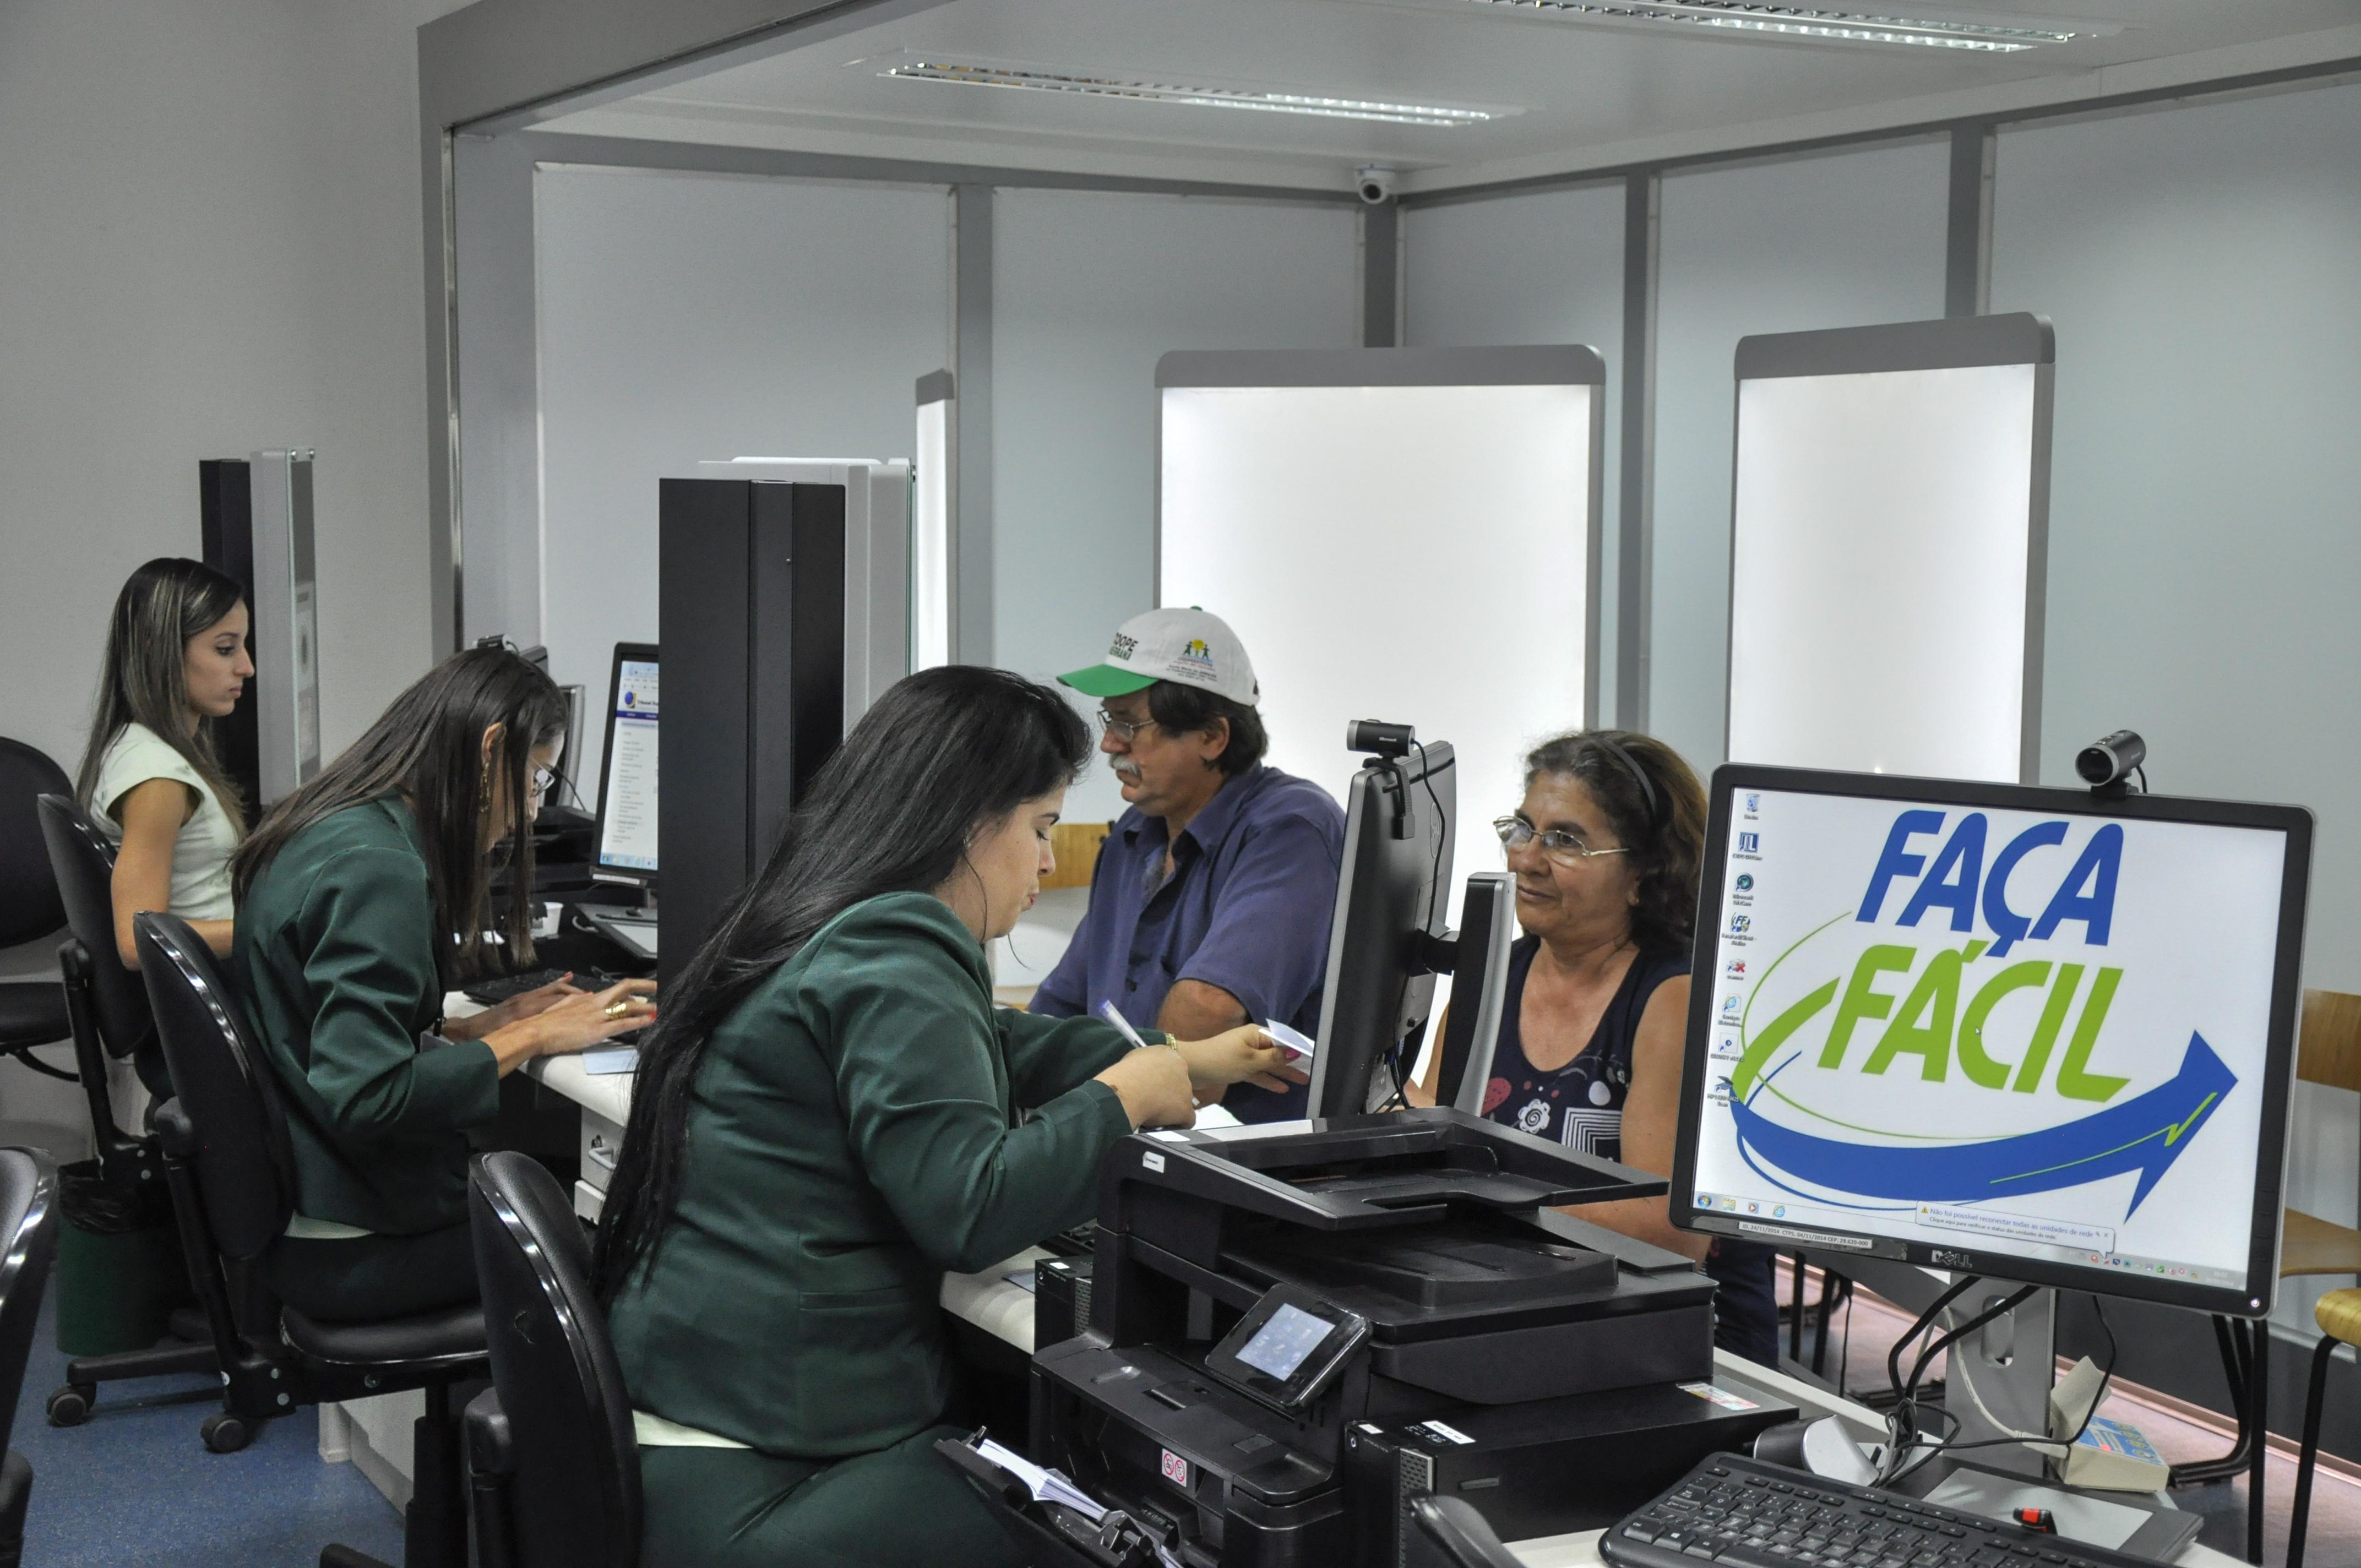 Unidade Móvel da Rede Faça Fácil já está atendendo em Itarana